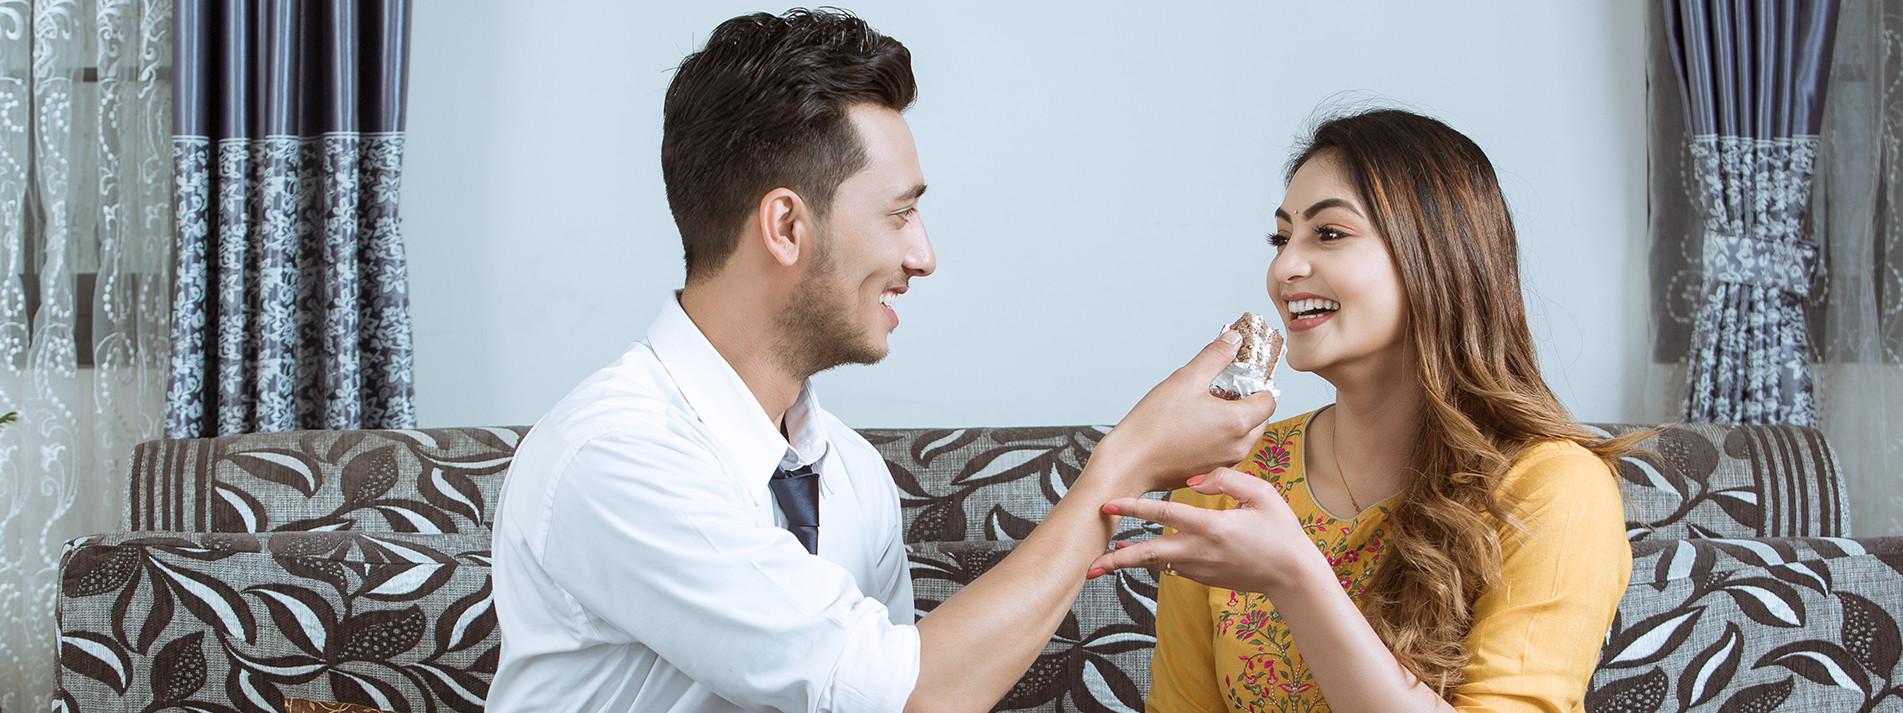 sito di dating online gratuito nepalese siti di incontri neri per Single